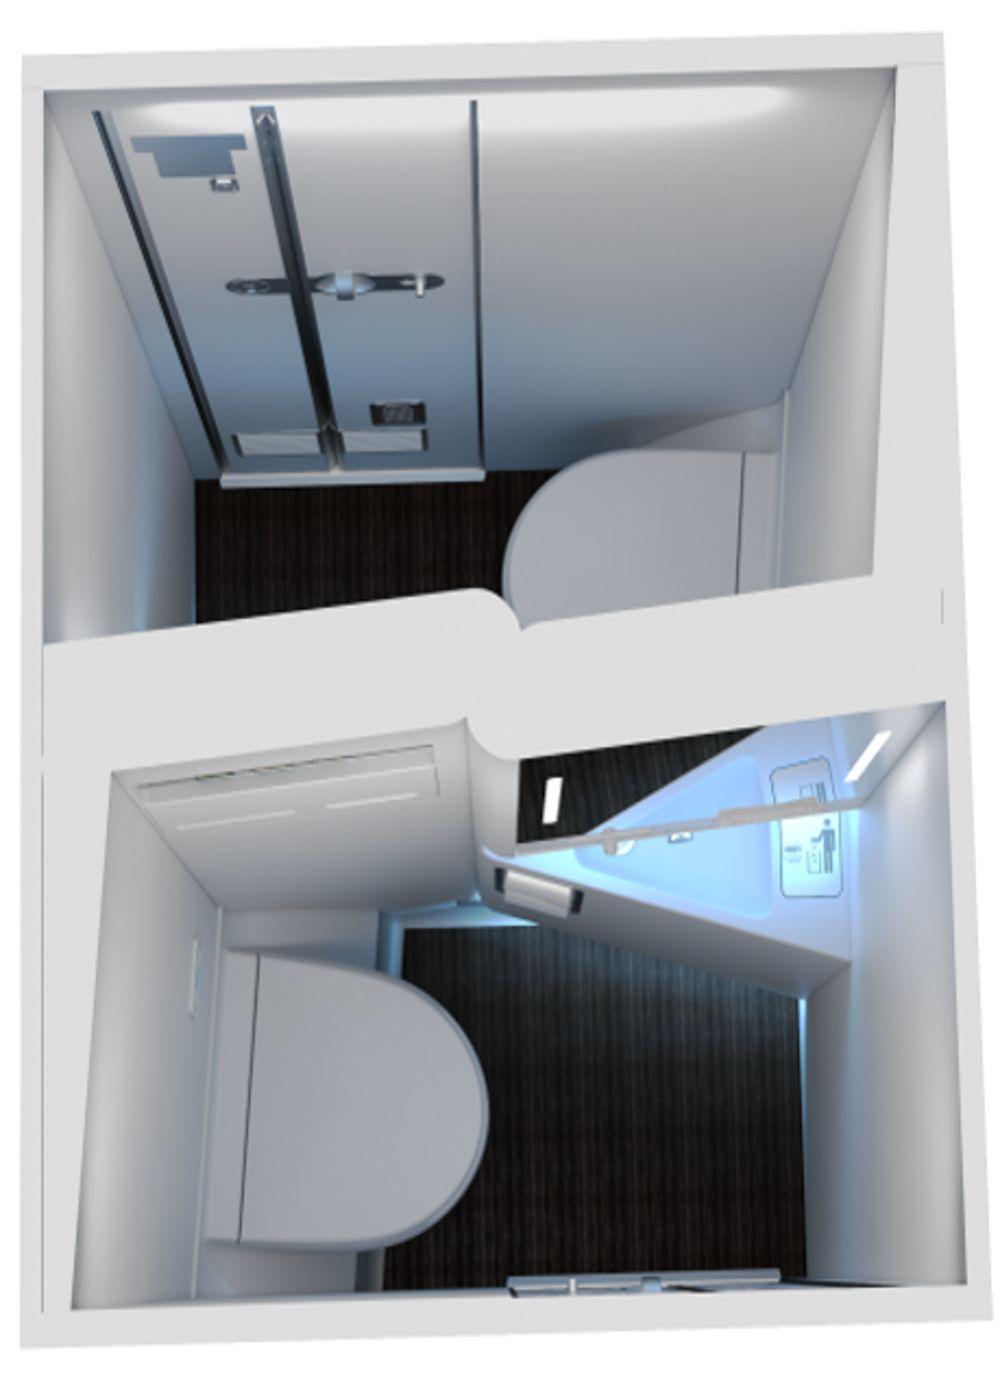 Angled-Wall Lavatory